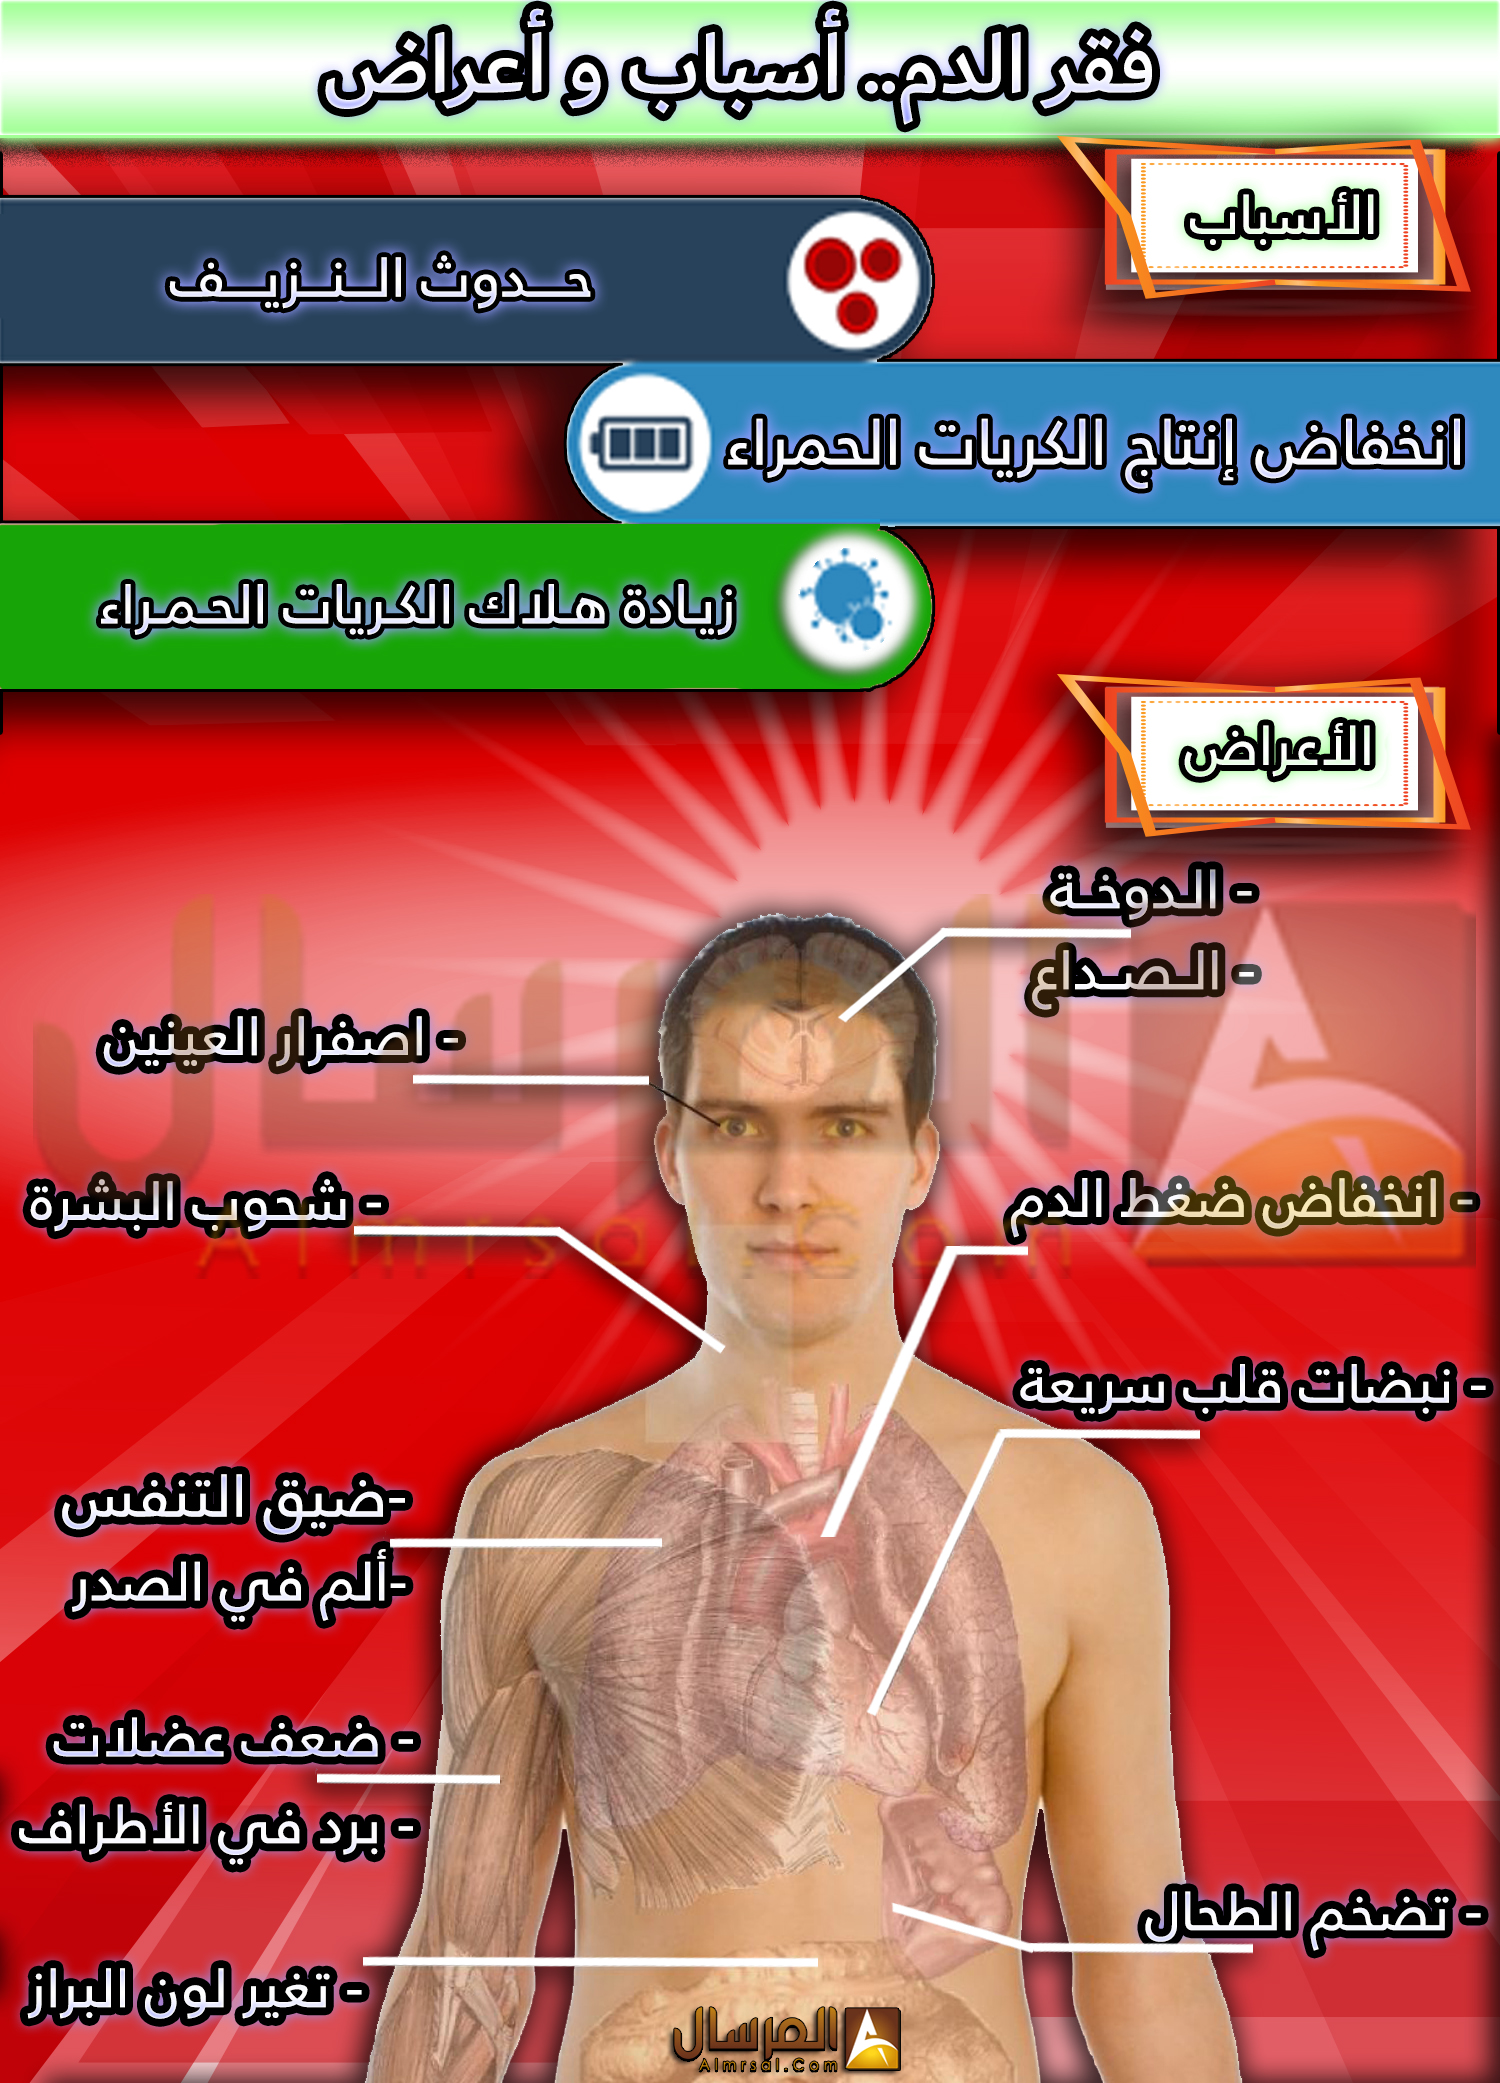 اعراض فقر الدم الحاد عند النساء